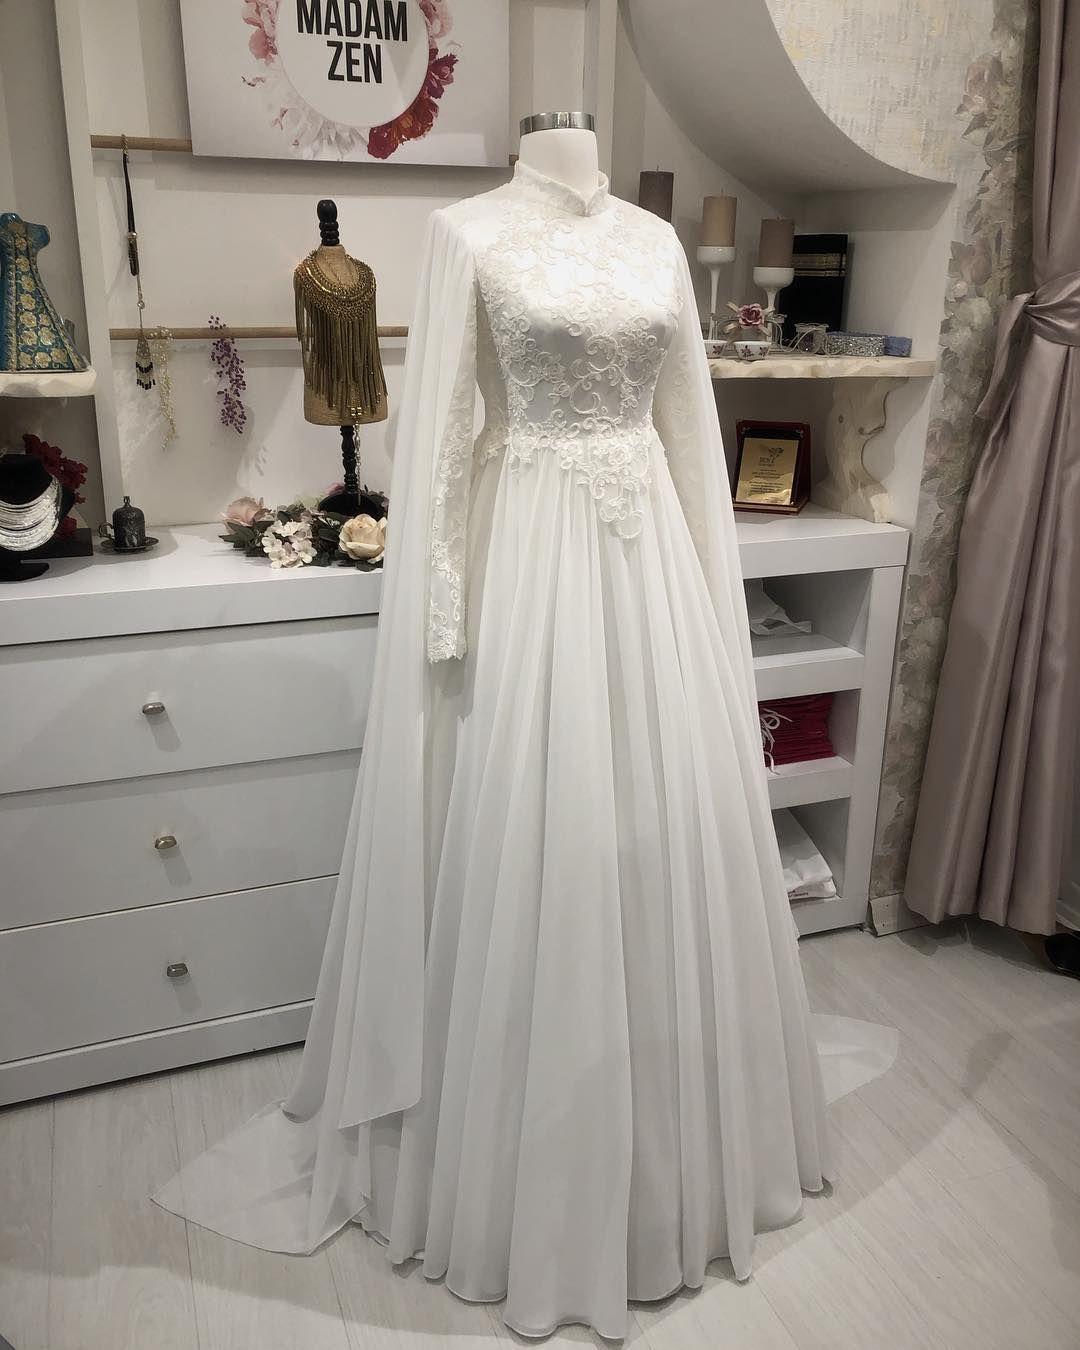 Sahra Beyaz Kabarik Veya Sadepelerinsiz Veya Pelerinli Kullabilirsiniz Tesettur Gelinlik Modelleri 2020 Sifon Gelinlikler Elbise Dugun Gelinlik